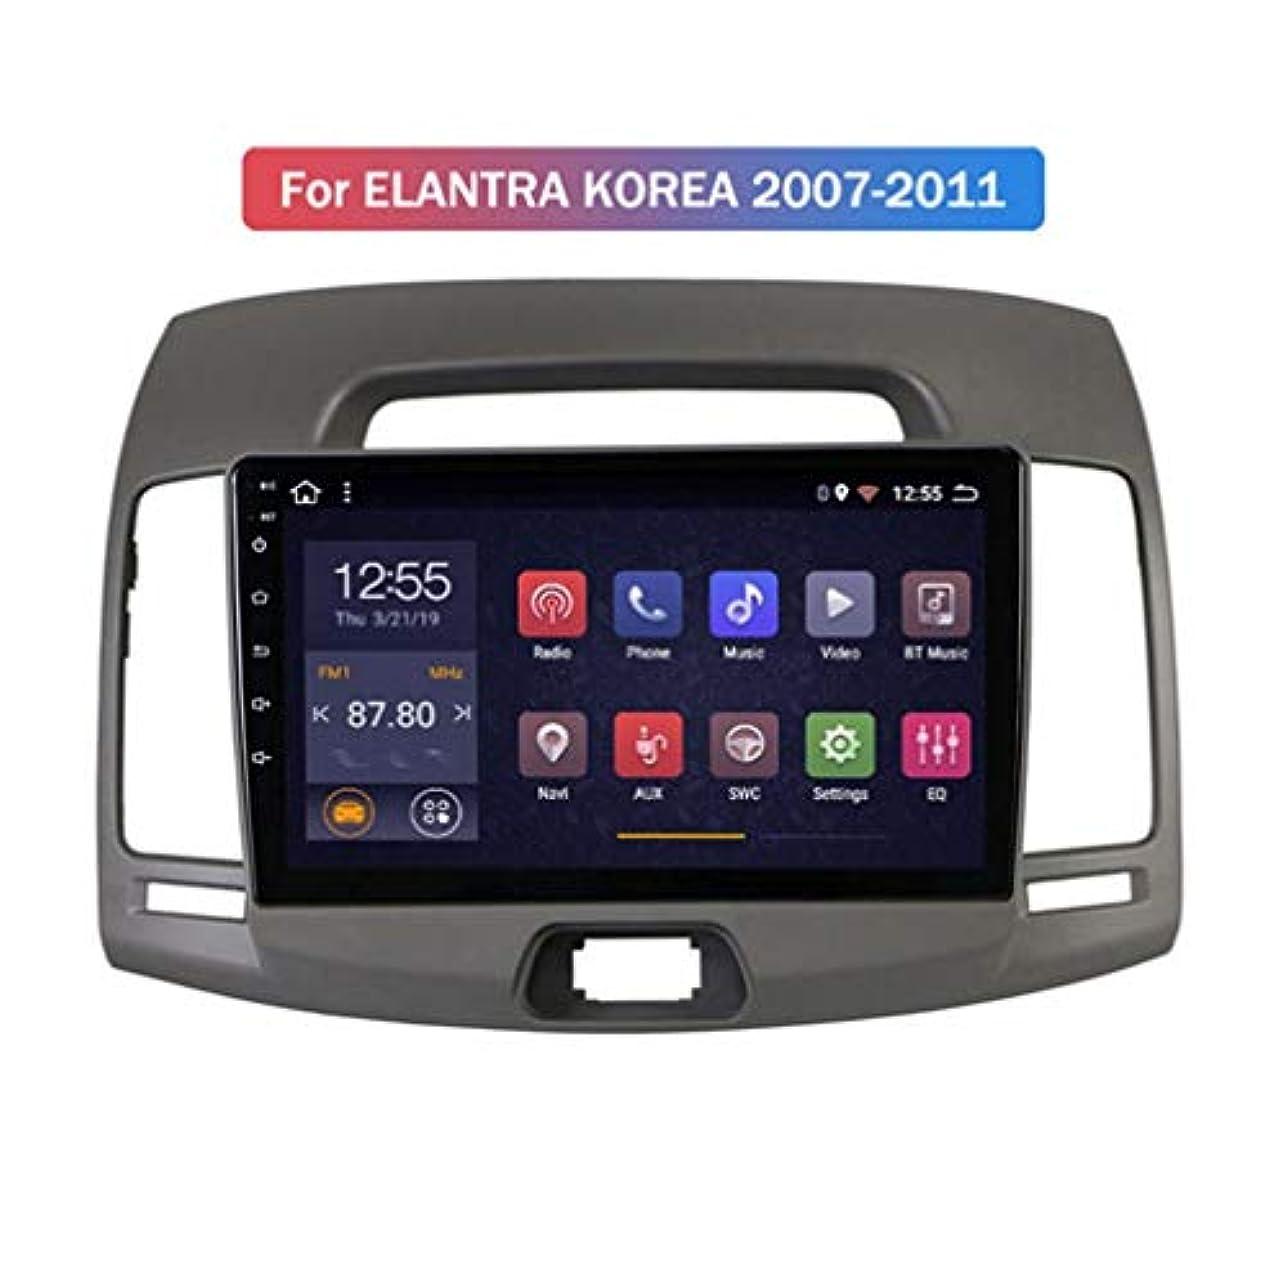 ハグ経営者くさびヒュンダイELANTRA韓国2008-2010ラジオビデオナビゲーション、ビデオ音楽プレーヤーのための2G RAM 32G ROM 9インチのアンドロイド8.1車Gpsプレーヤー